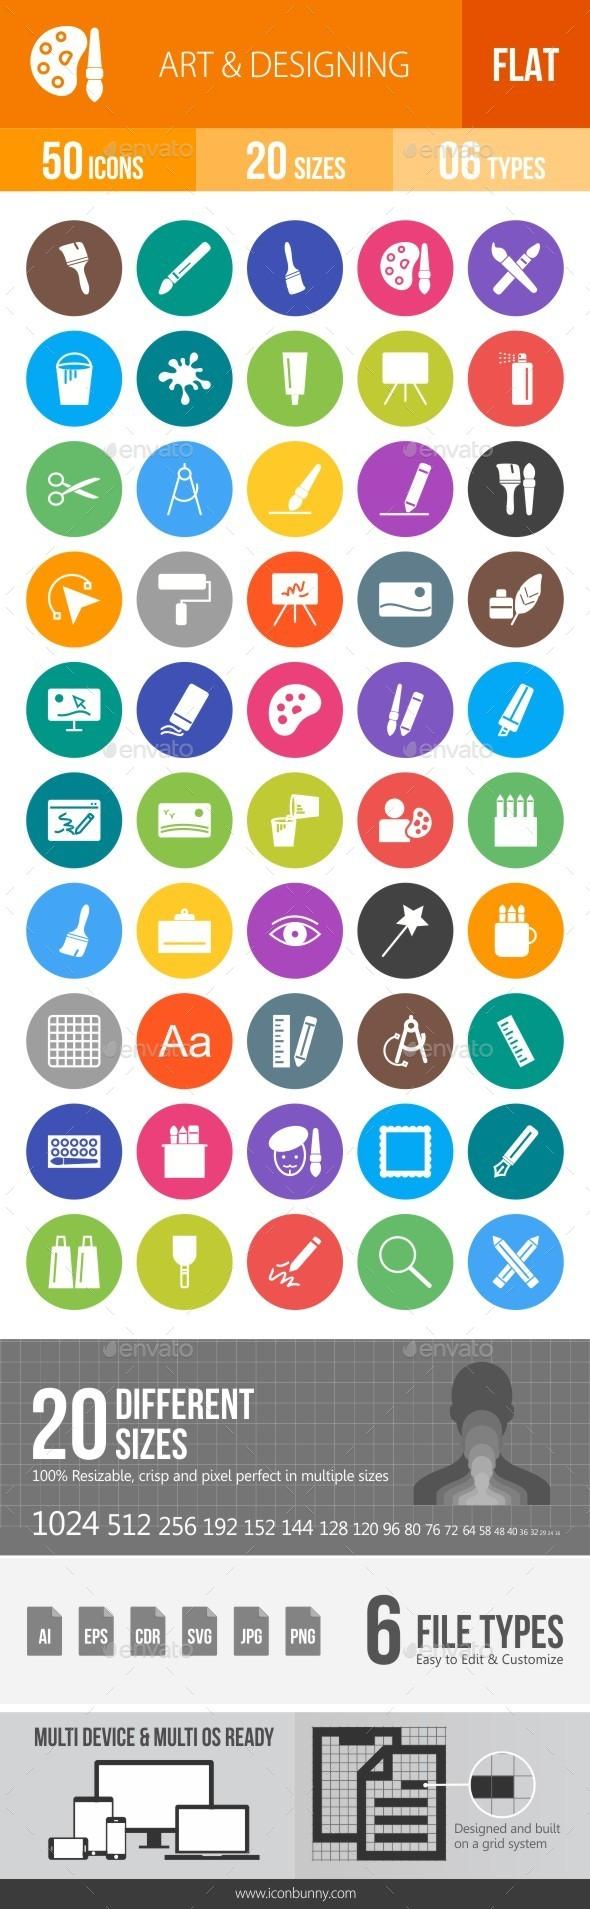 Art & Designing Flat Round Icons - Icons